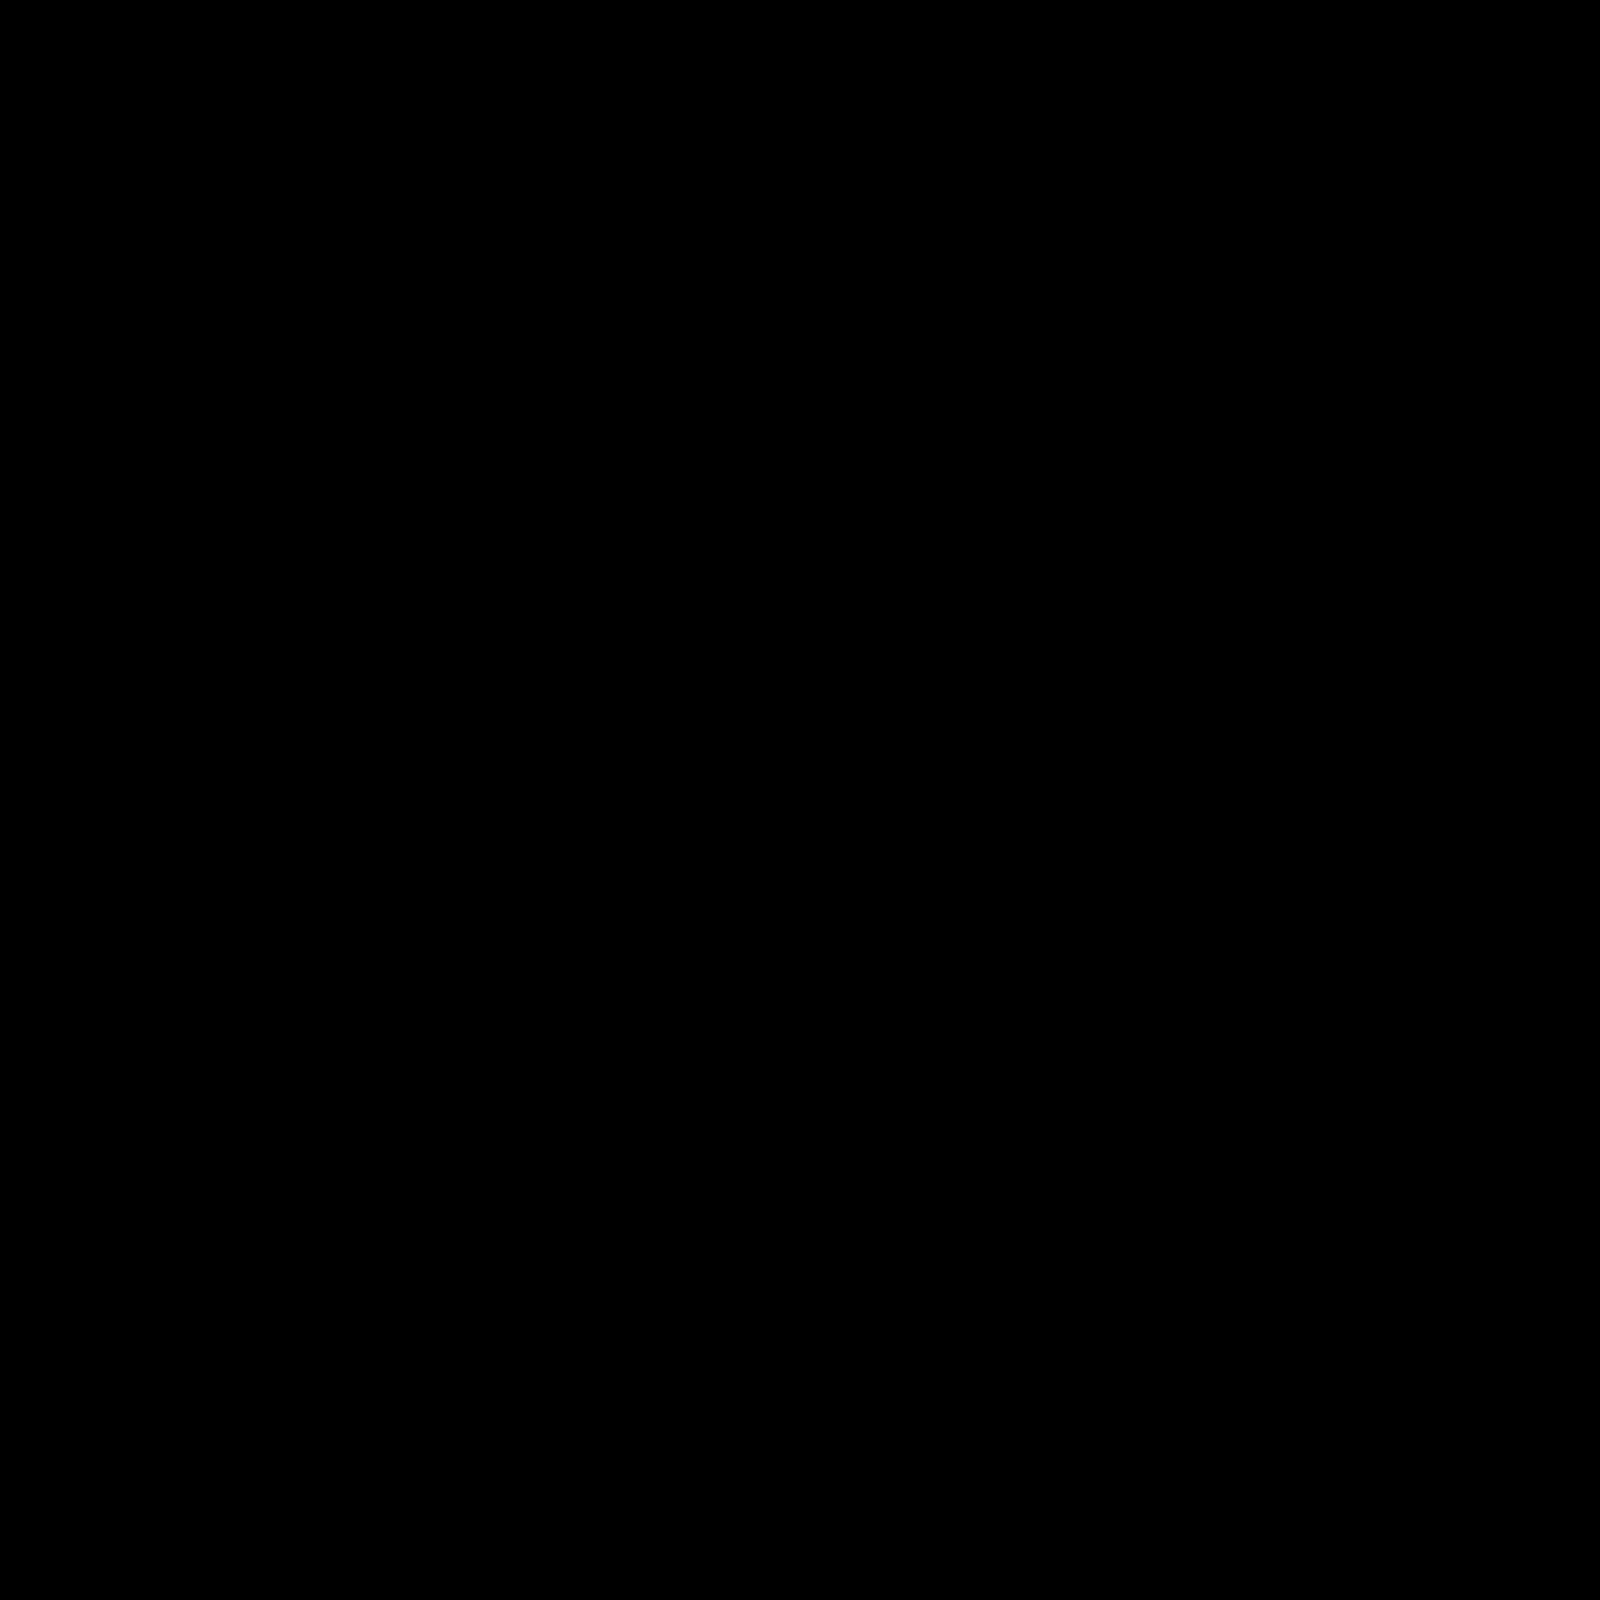 Telefon głośnomówiący icon